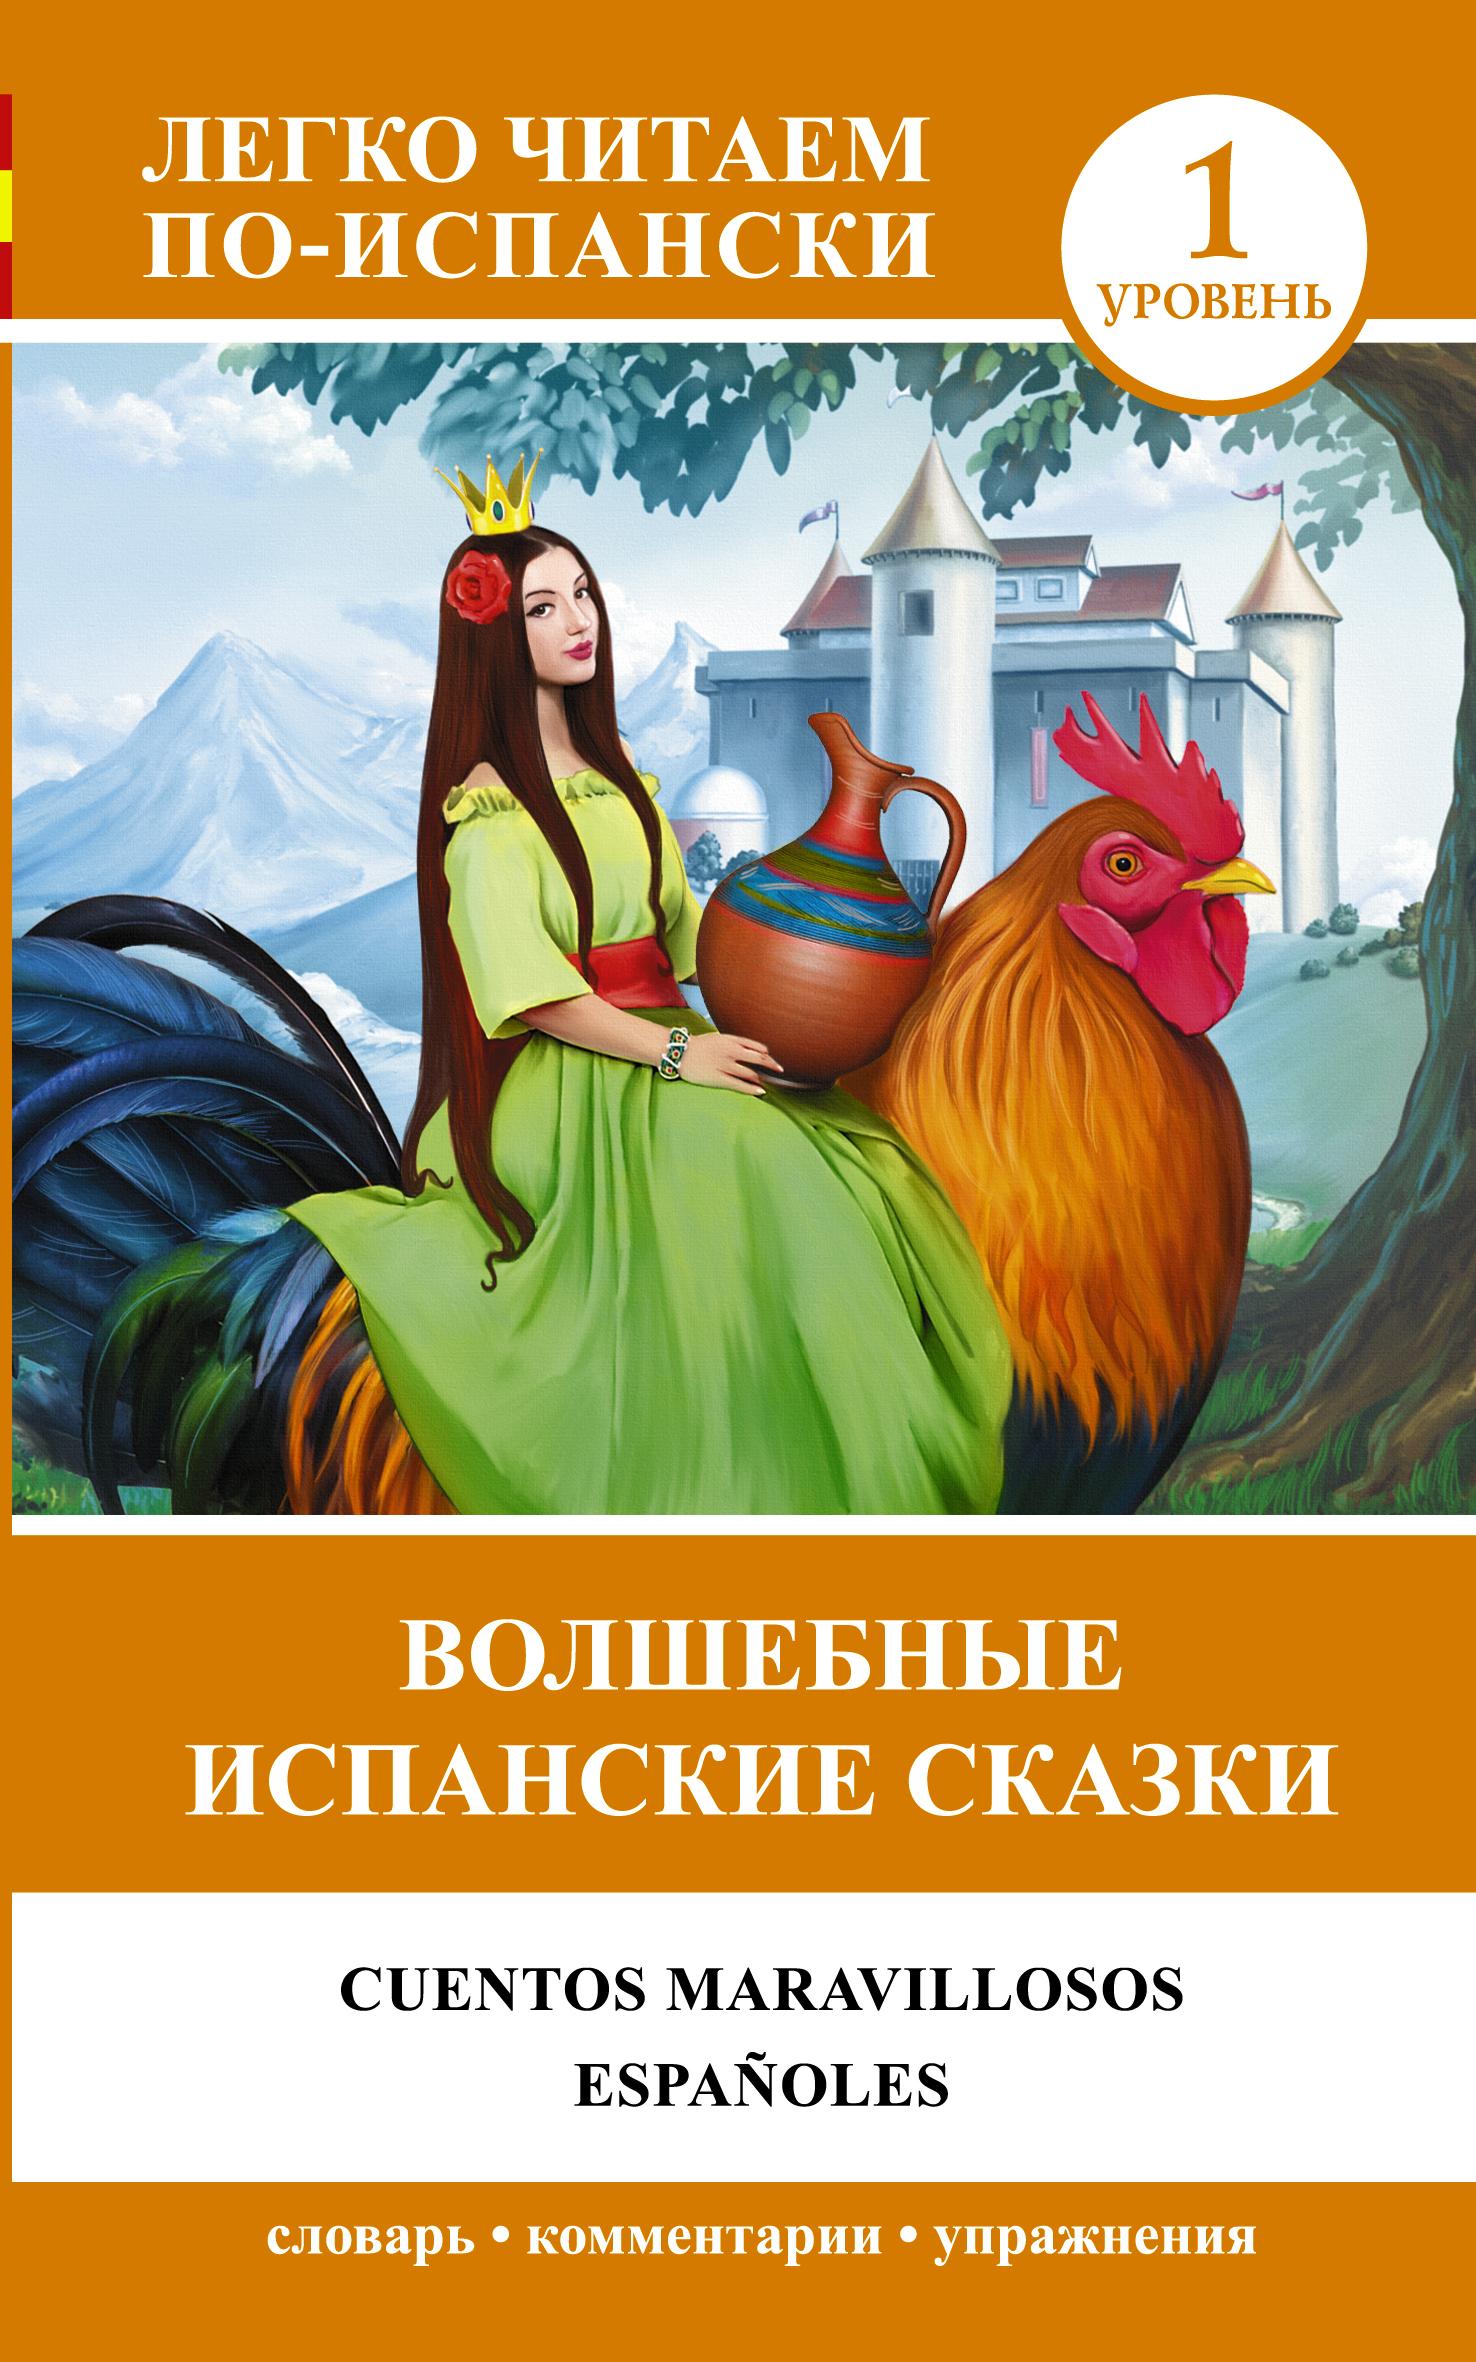 . Волшебные испанские сказки = Cuentos maravillosos españoles илья франк испанские волшебные сказки cuentos maravillosos de hadas espaflbles cd